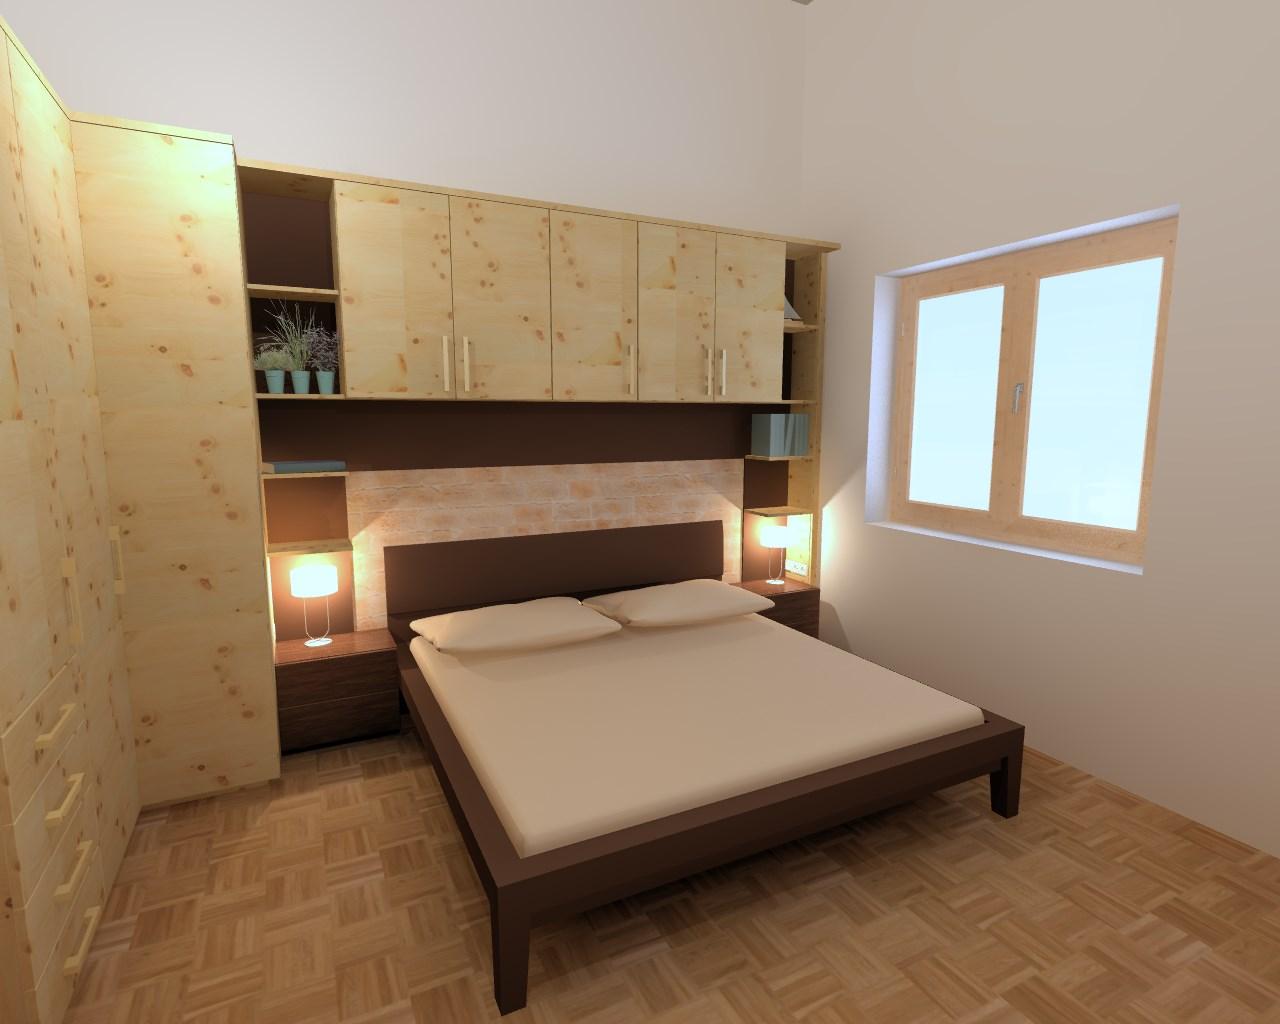 Faszinierend Traum Schlafzimmer Referenz Von Mit Viel Stauraum